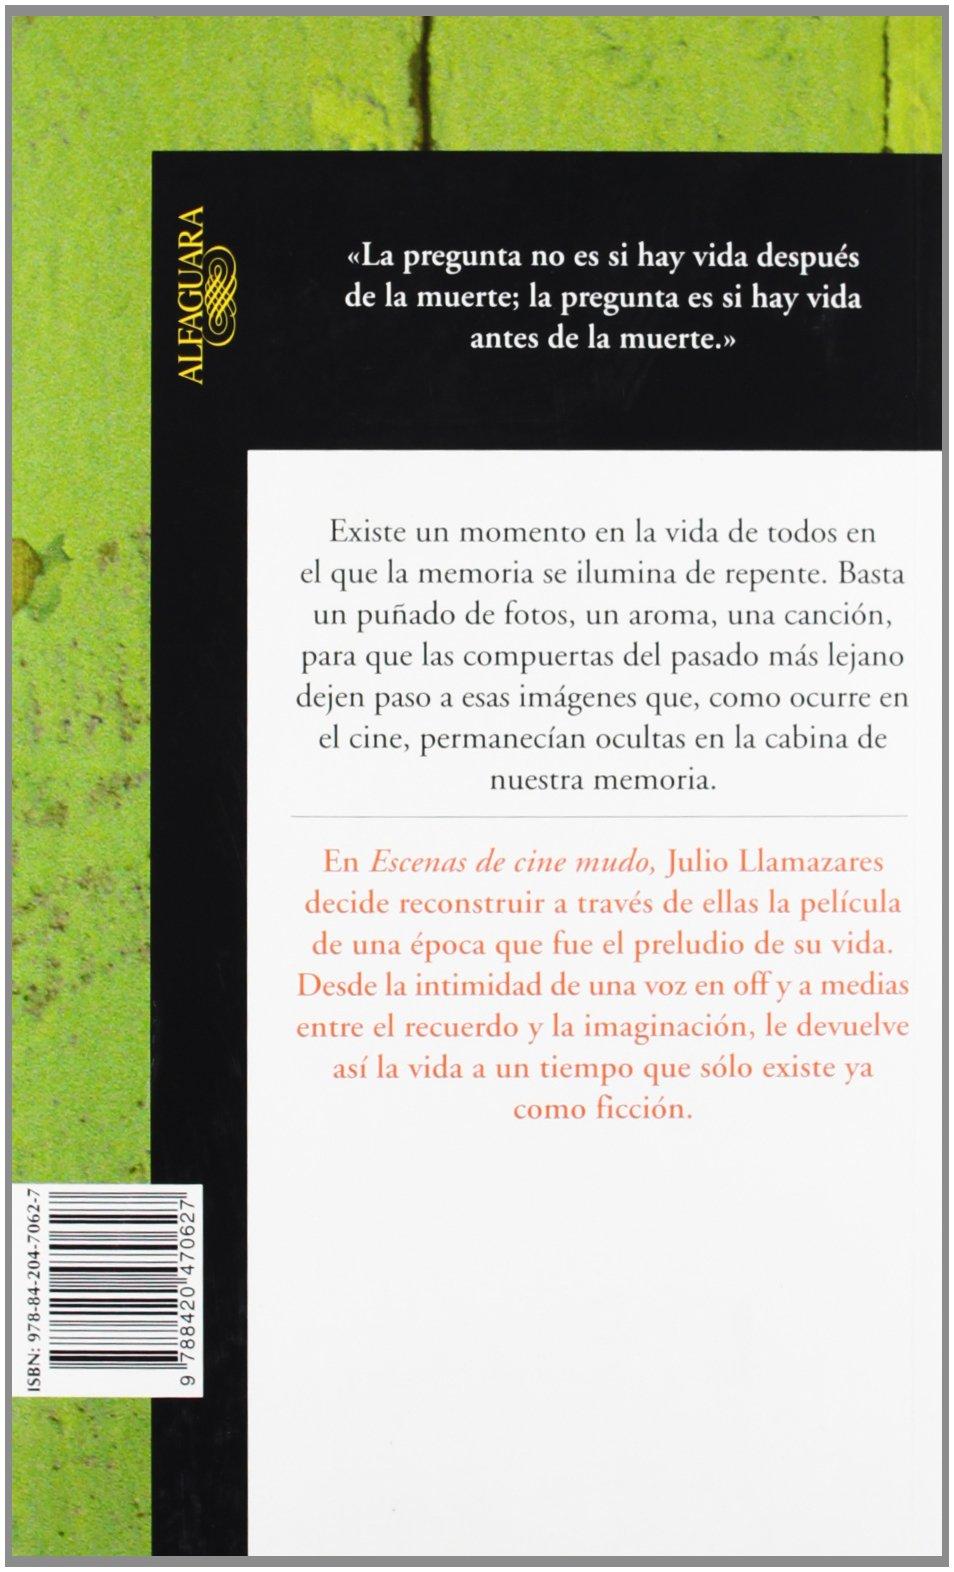 Escenas de cine mudo (Hispánica): Amazon.es: Llamazares, Julio: Libros